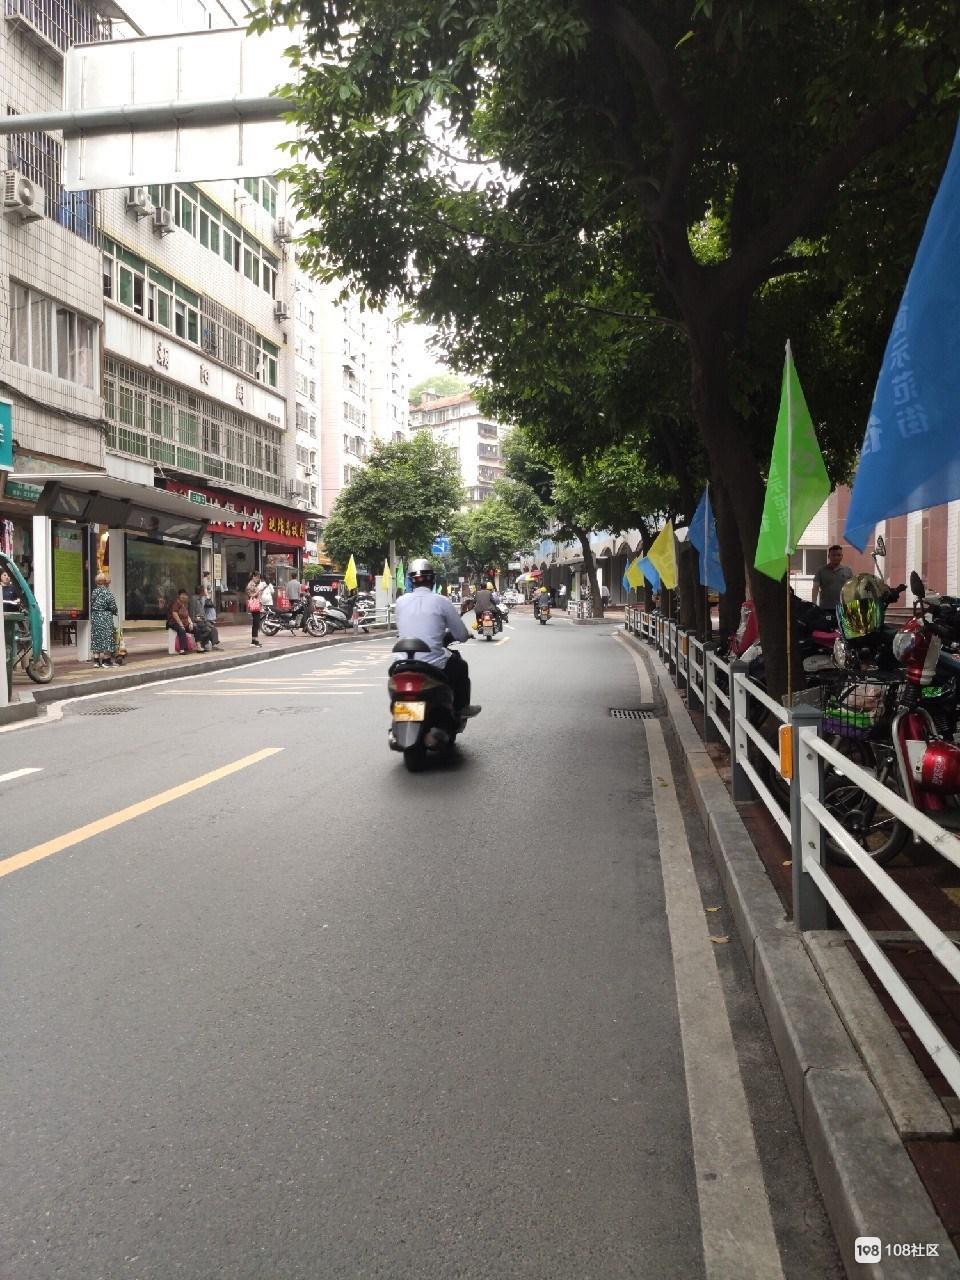 够震撼!南平今天搞大动作,整条街都被彩旗包围了